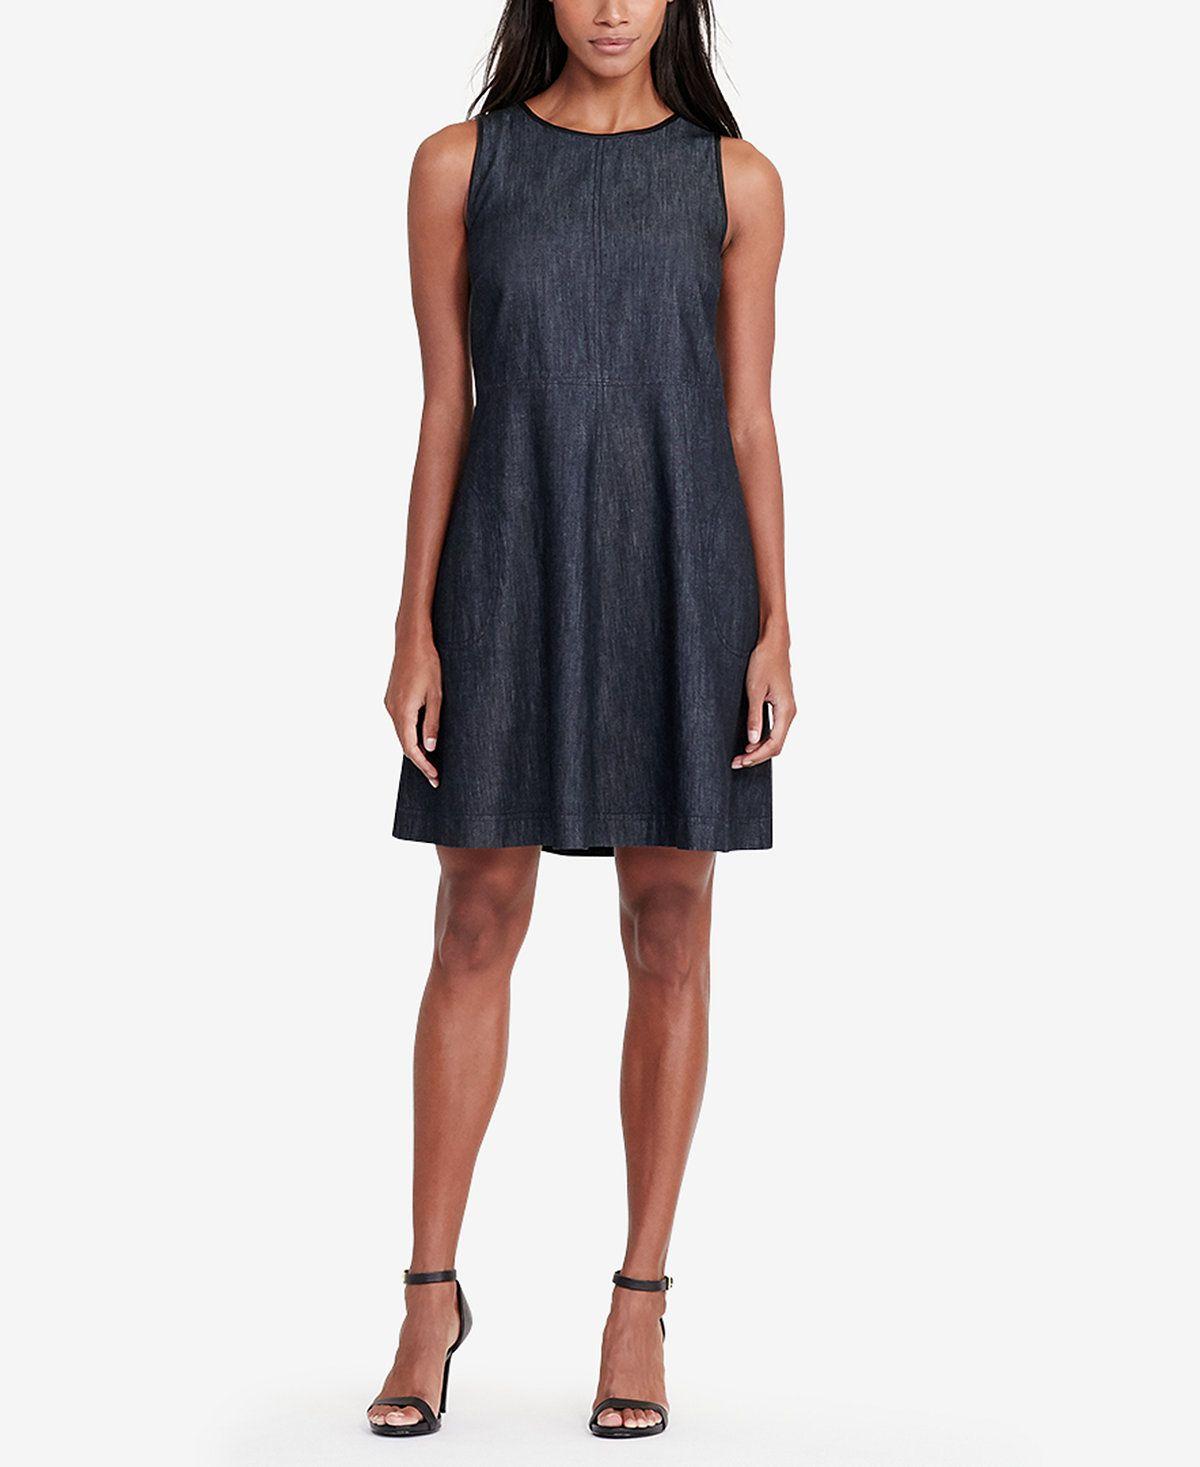 fd5b47be8b3b Lauren Ralph Lauren Faux-Leather-Trim Denim Dress - Lauren Ralph Lauren -  Women - Macy's